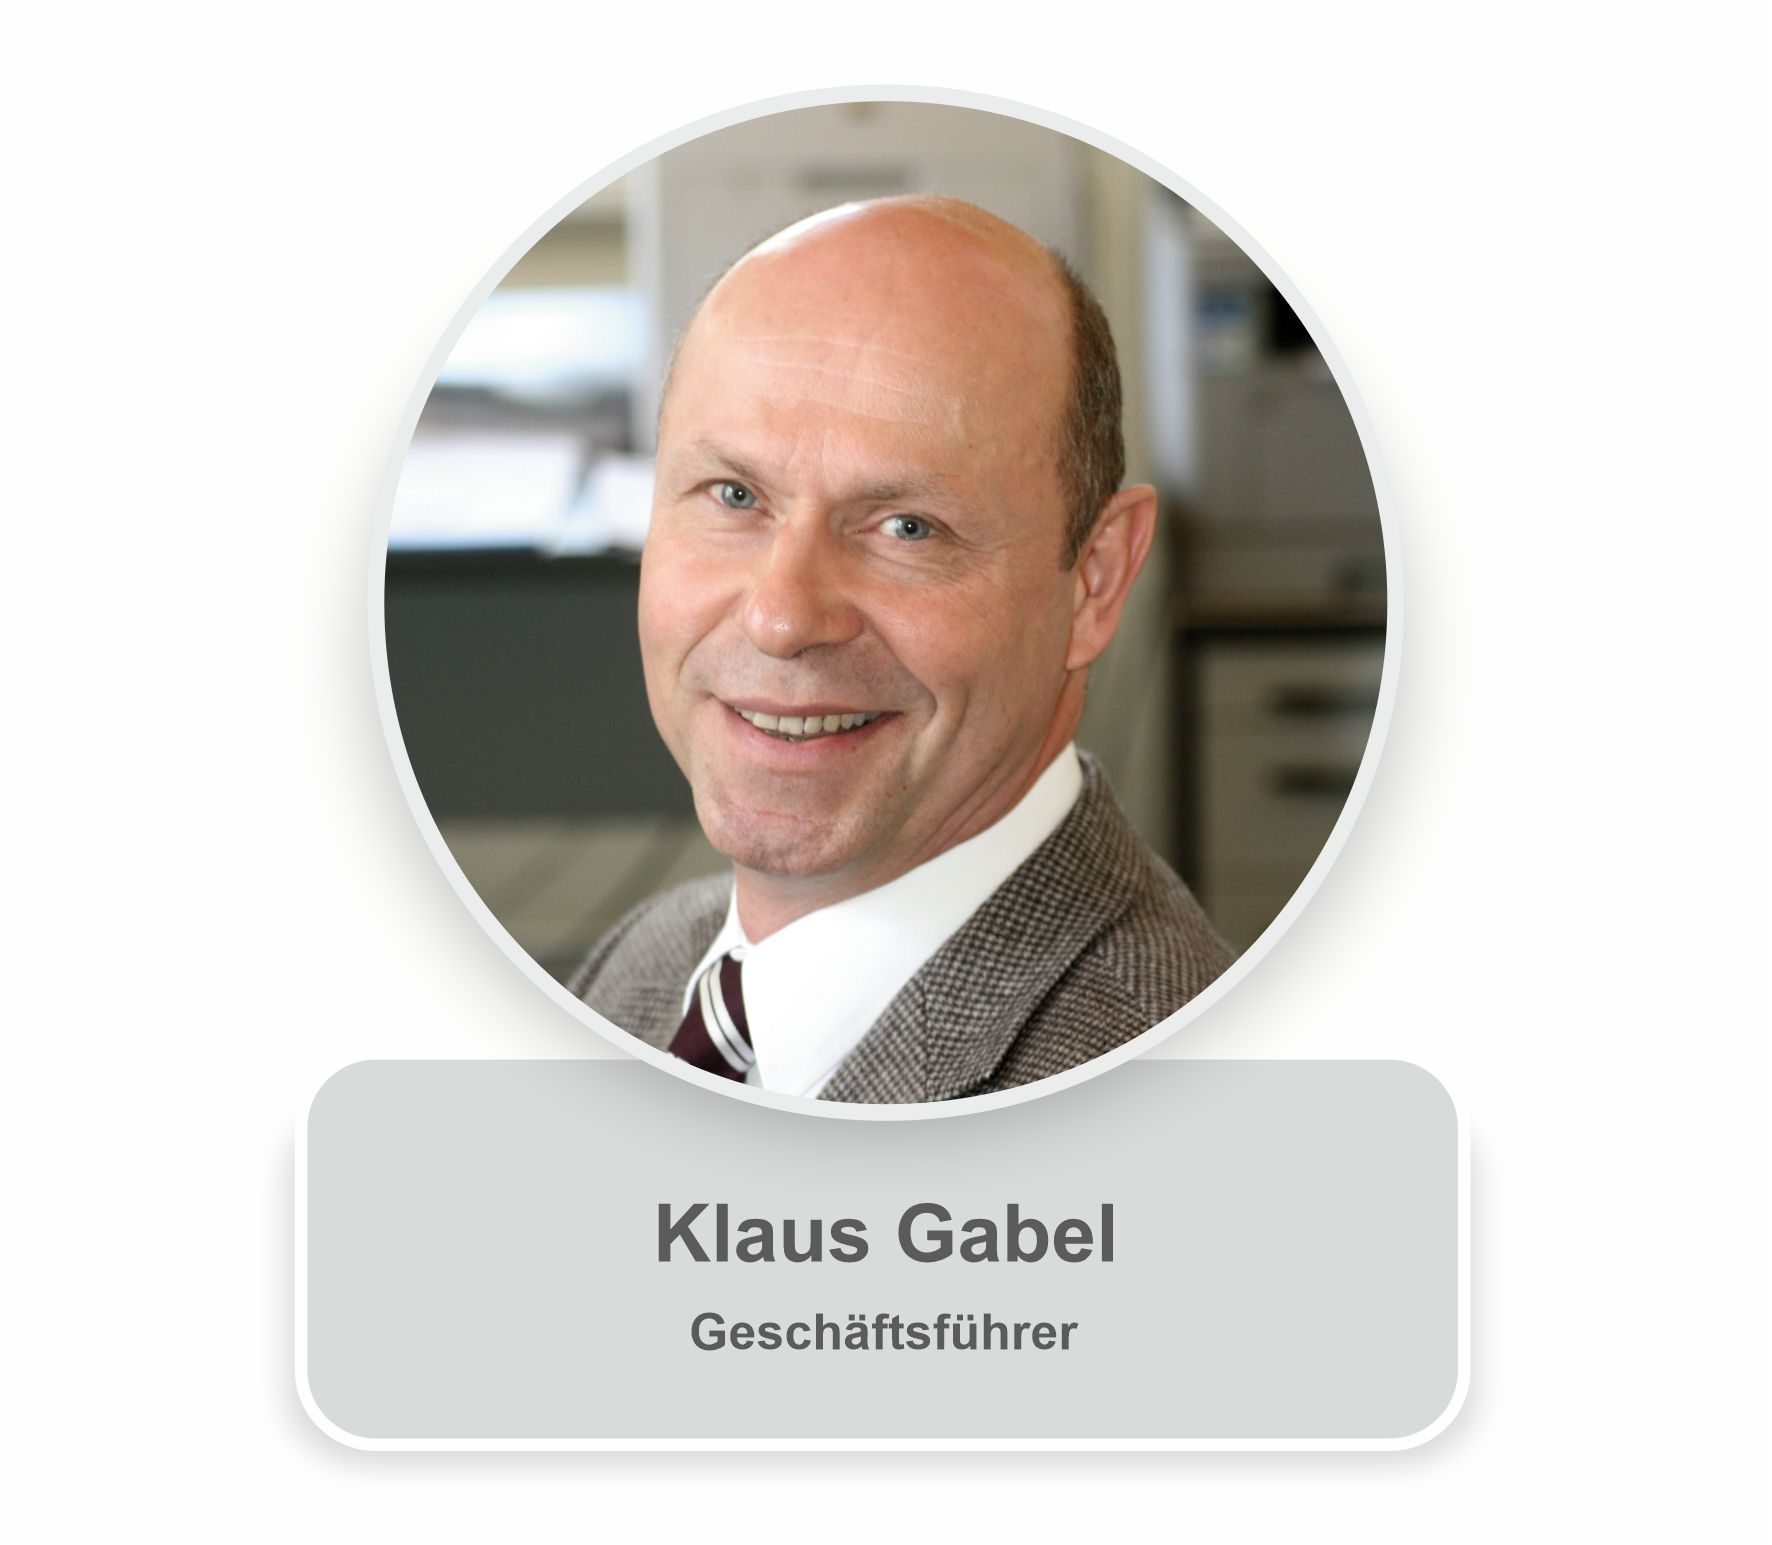 Klaus Gabel